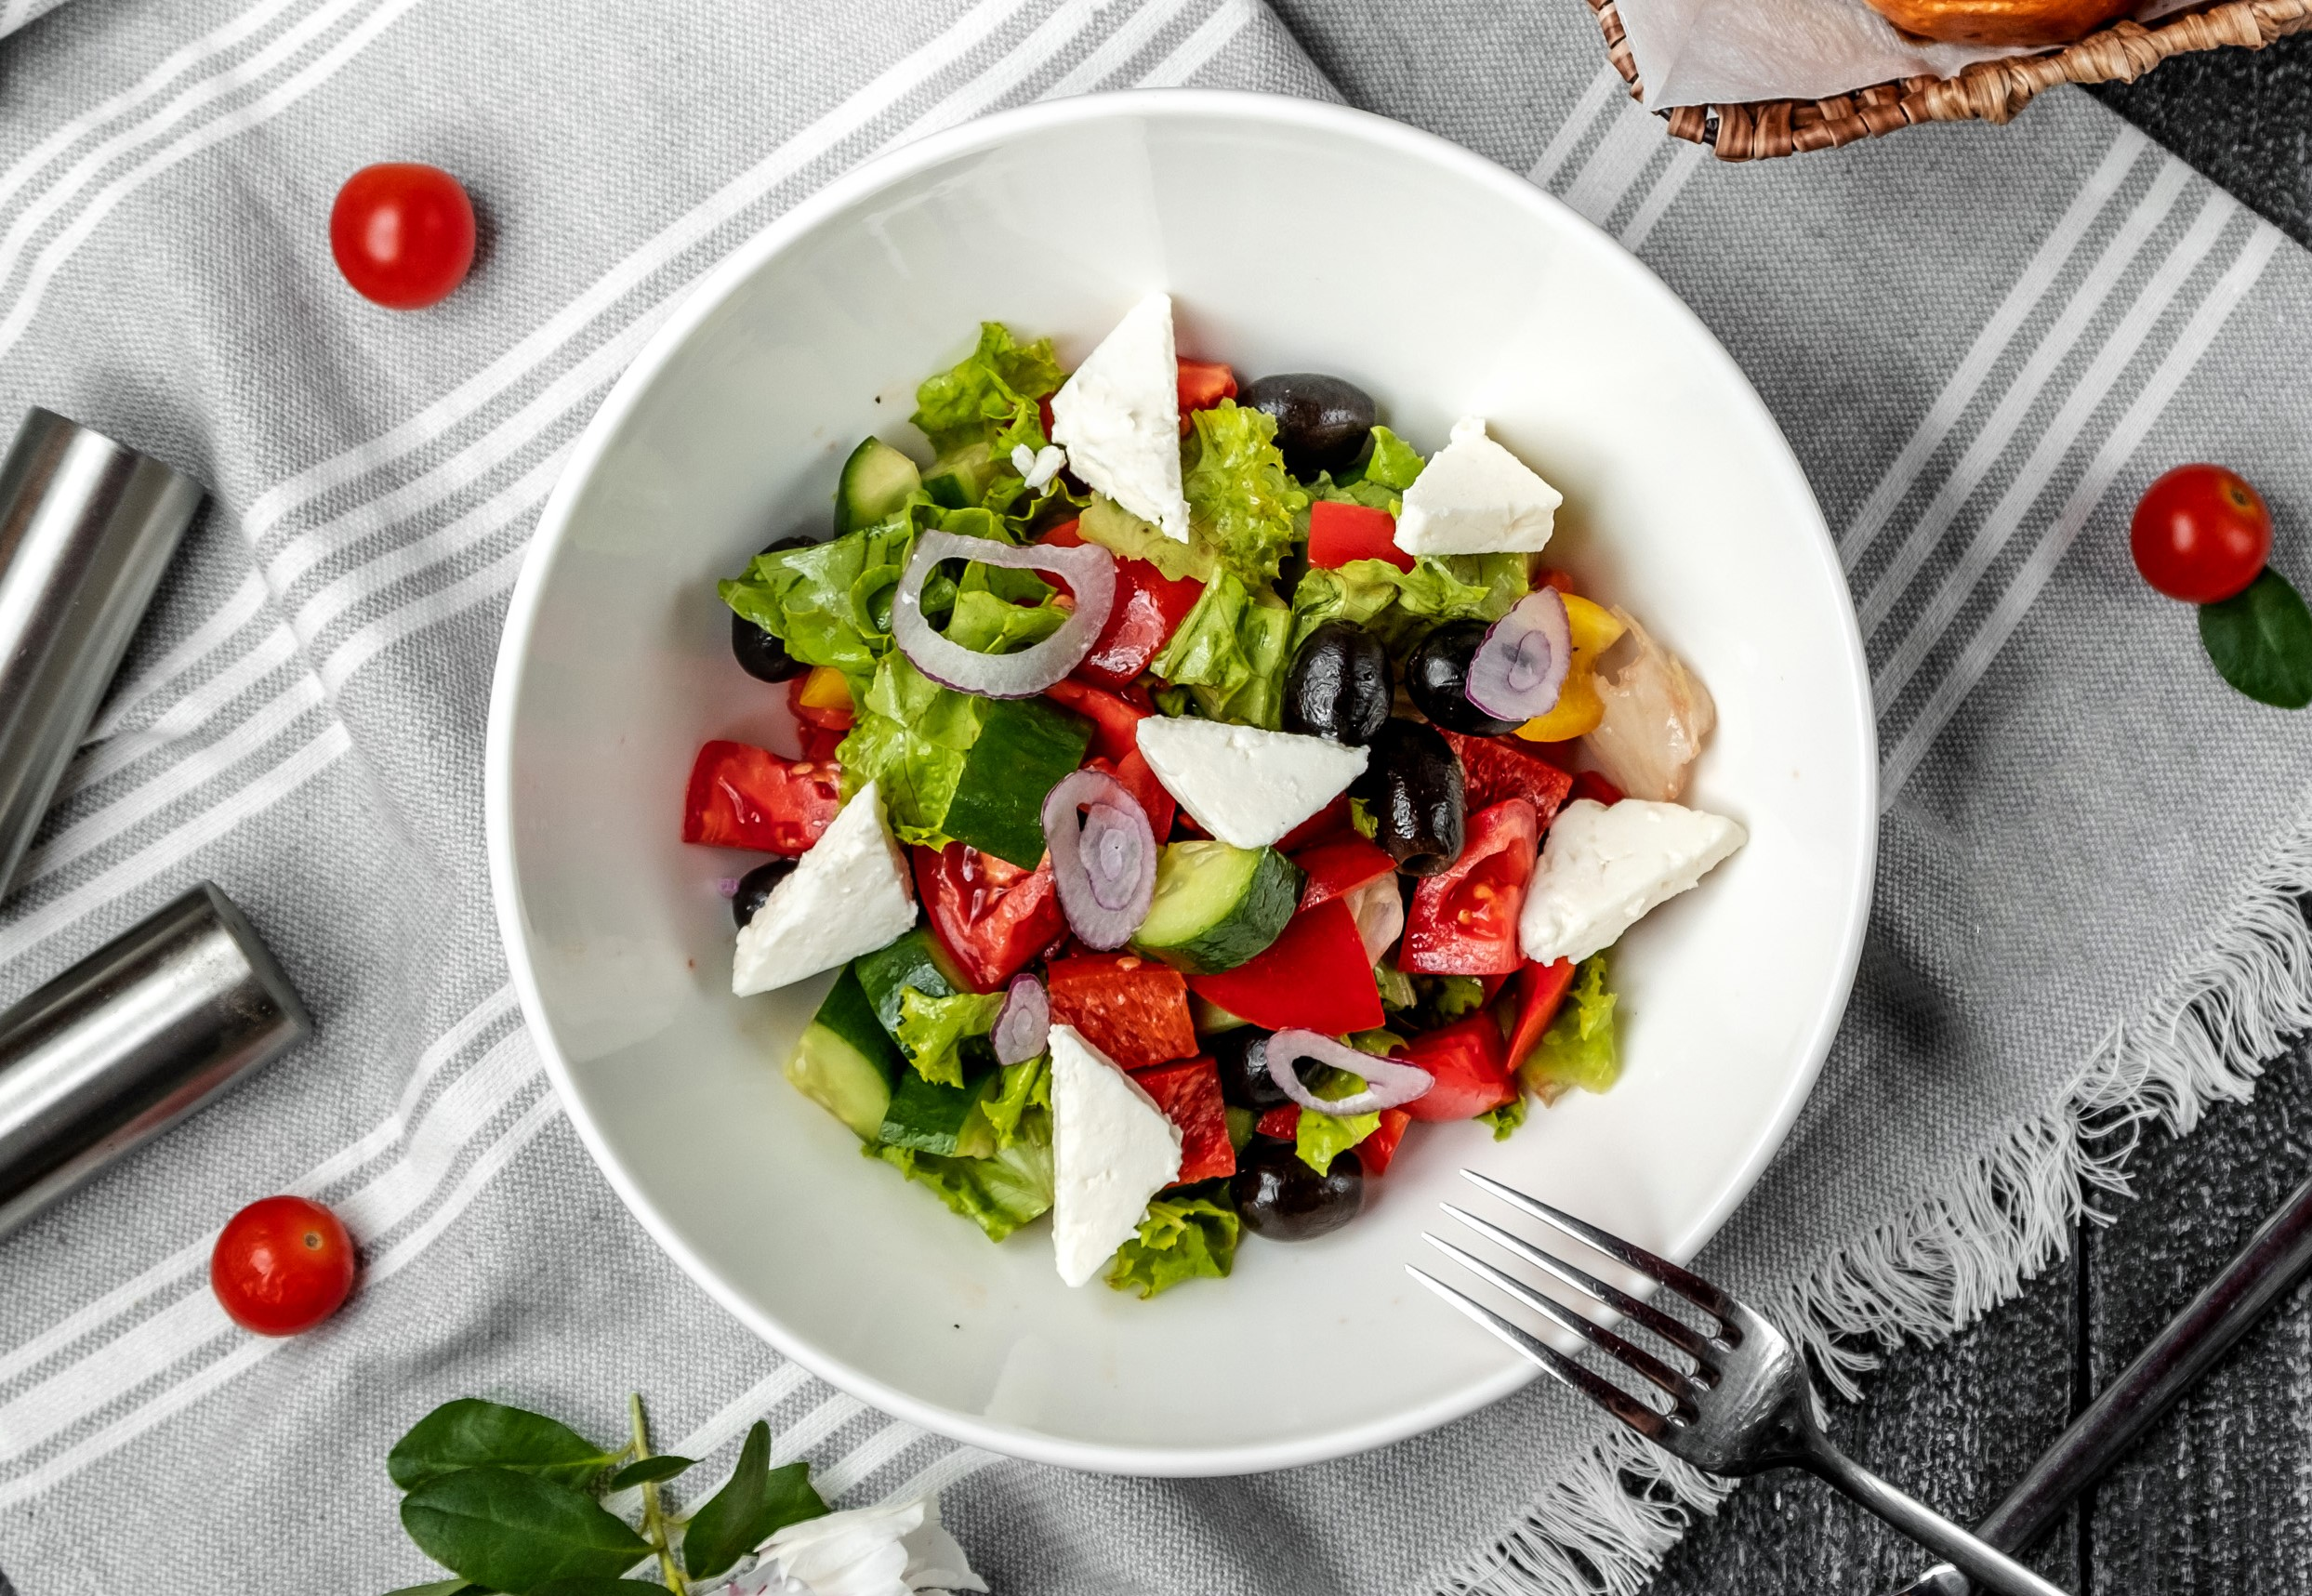 kaip pagardinti salotas hipertenzija